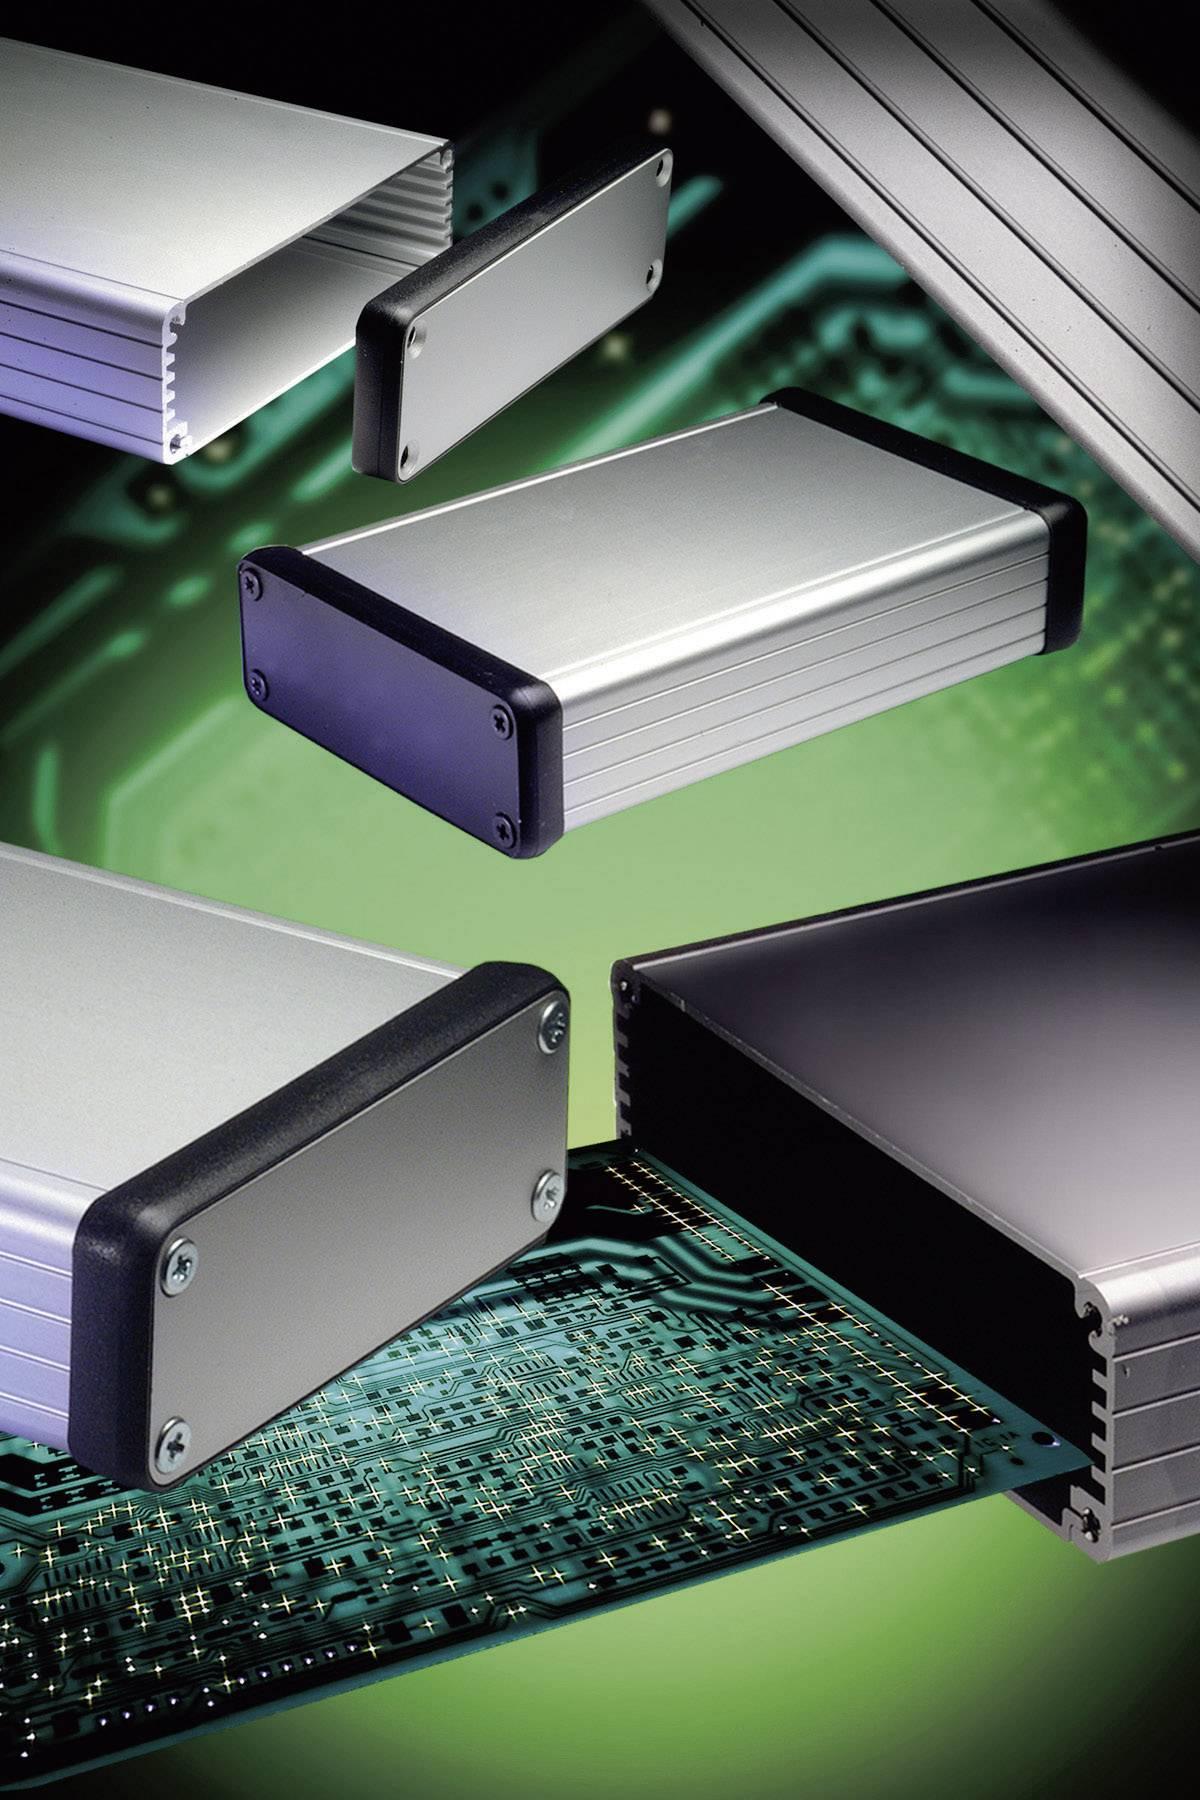 Hliníkové profilované pouzdro Hammond Electronics, (d x š x v) 80 x 54 x 23 mm, černá (1455C802BK)